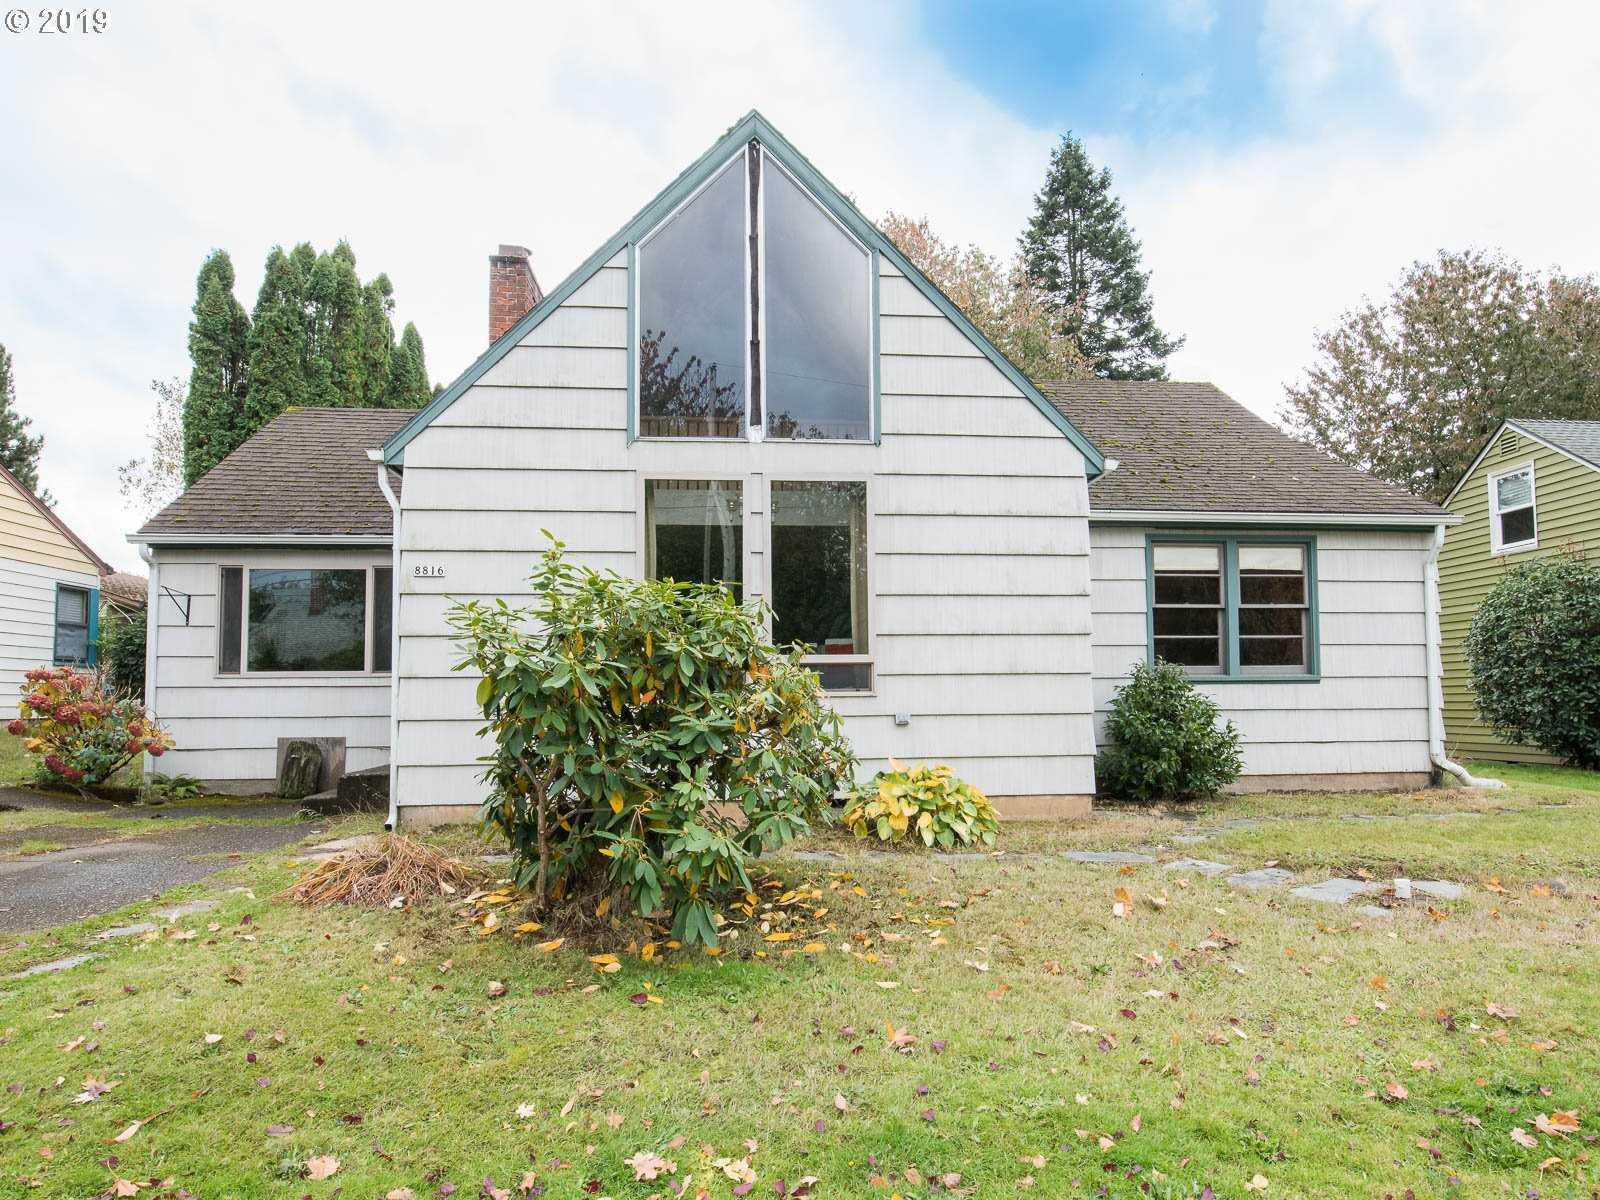 $295,900 - 3Br/1Ba - for Sale in Rocky Butte, Portland